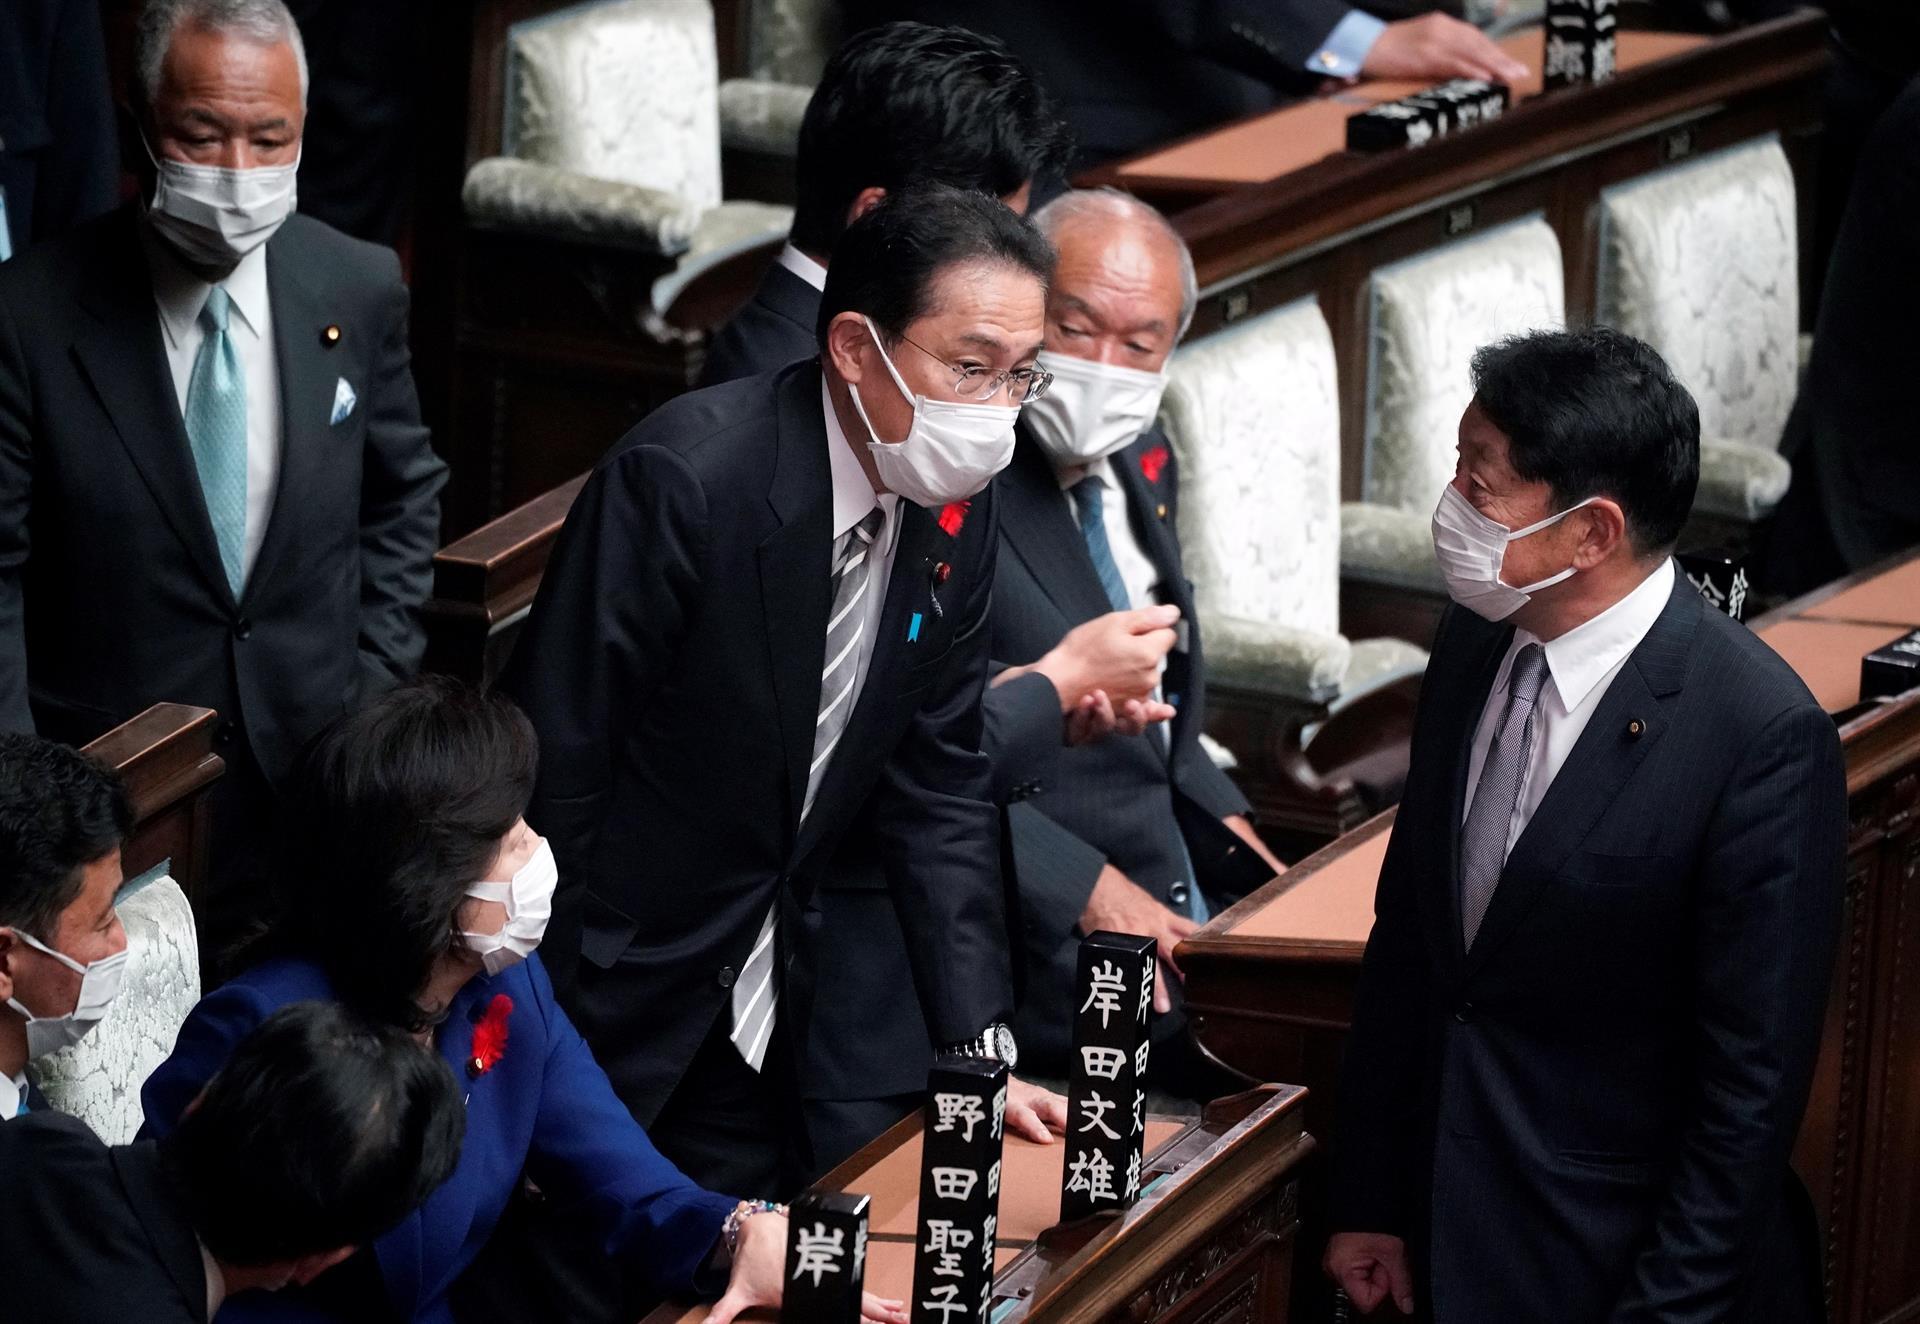 Primer ministro de Japón disuelve parlamento antes de las elecciones del próximo 31 de octubre